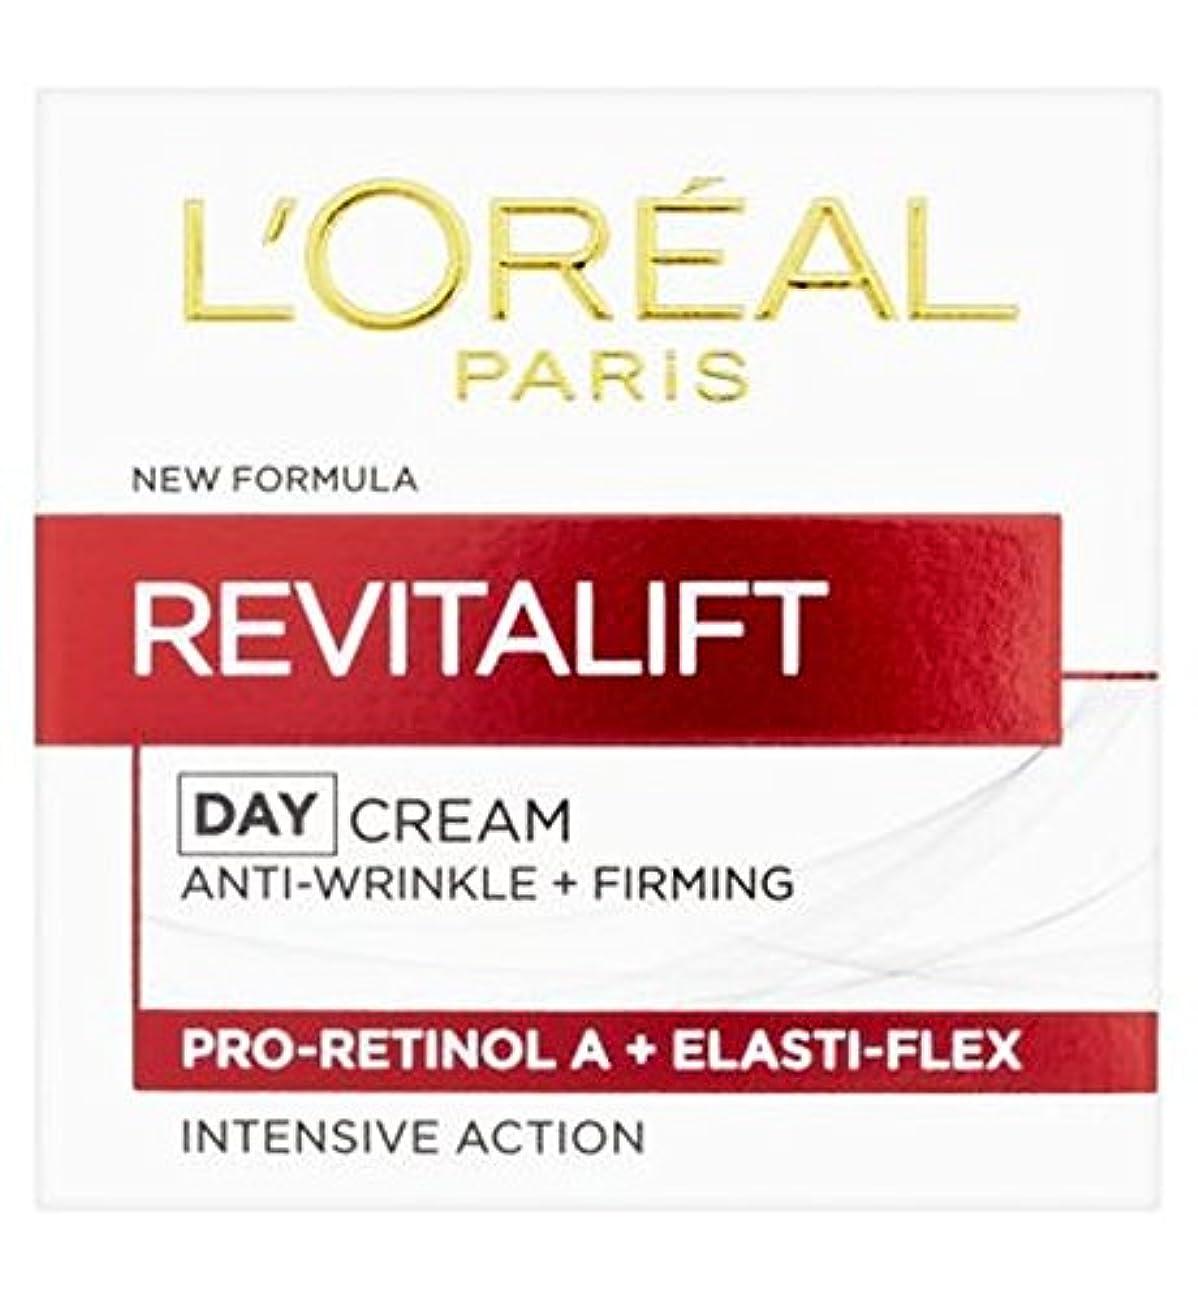 パースブラックボロウ緩むピボットL'Oreal Revitalift Anti Wrinkle and Firming Day Cream 50ml - ロレアルのRevitalift抗シワやファーミングデイクリーム50ミリリットル (L'Oreal)...